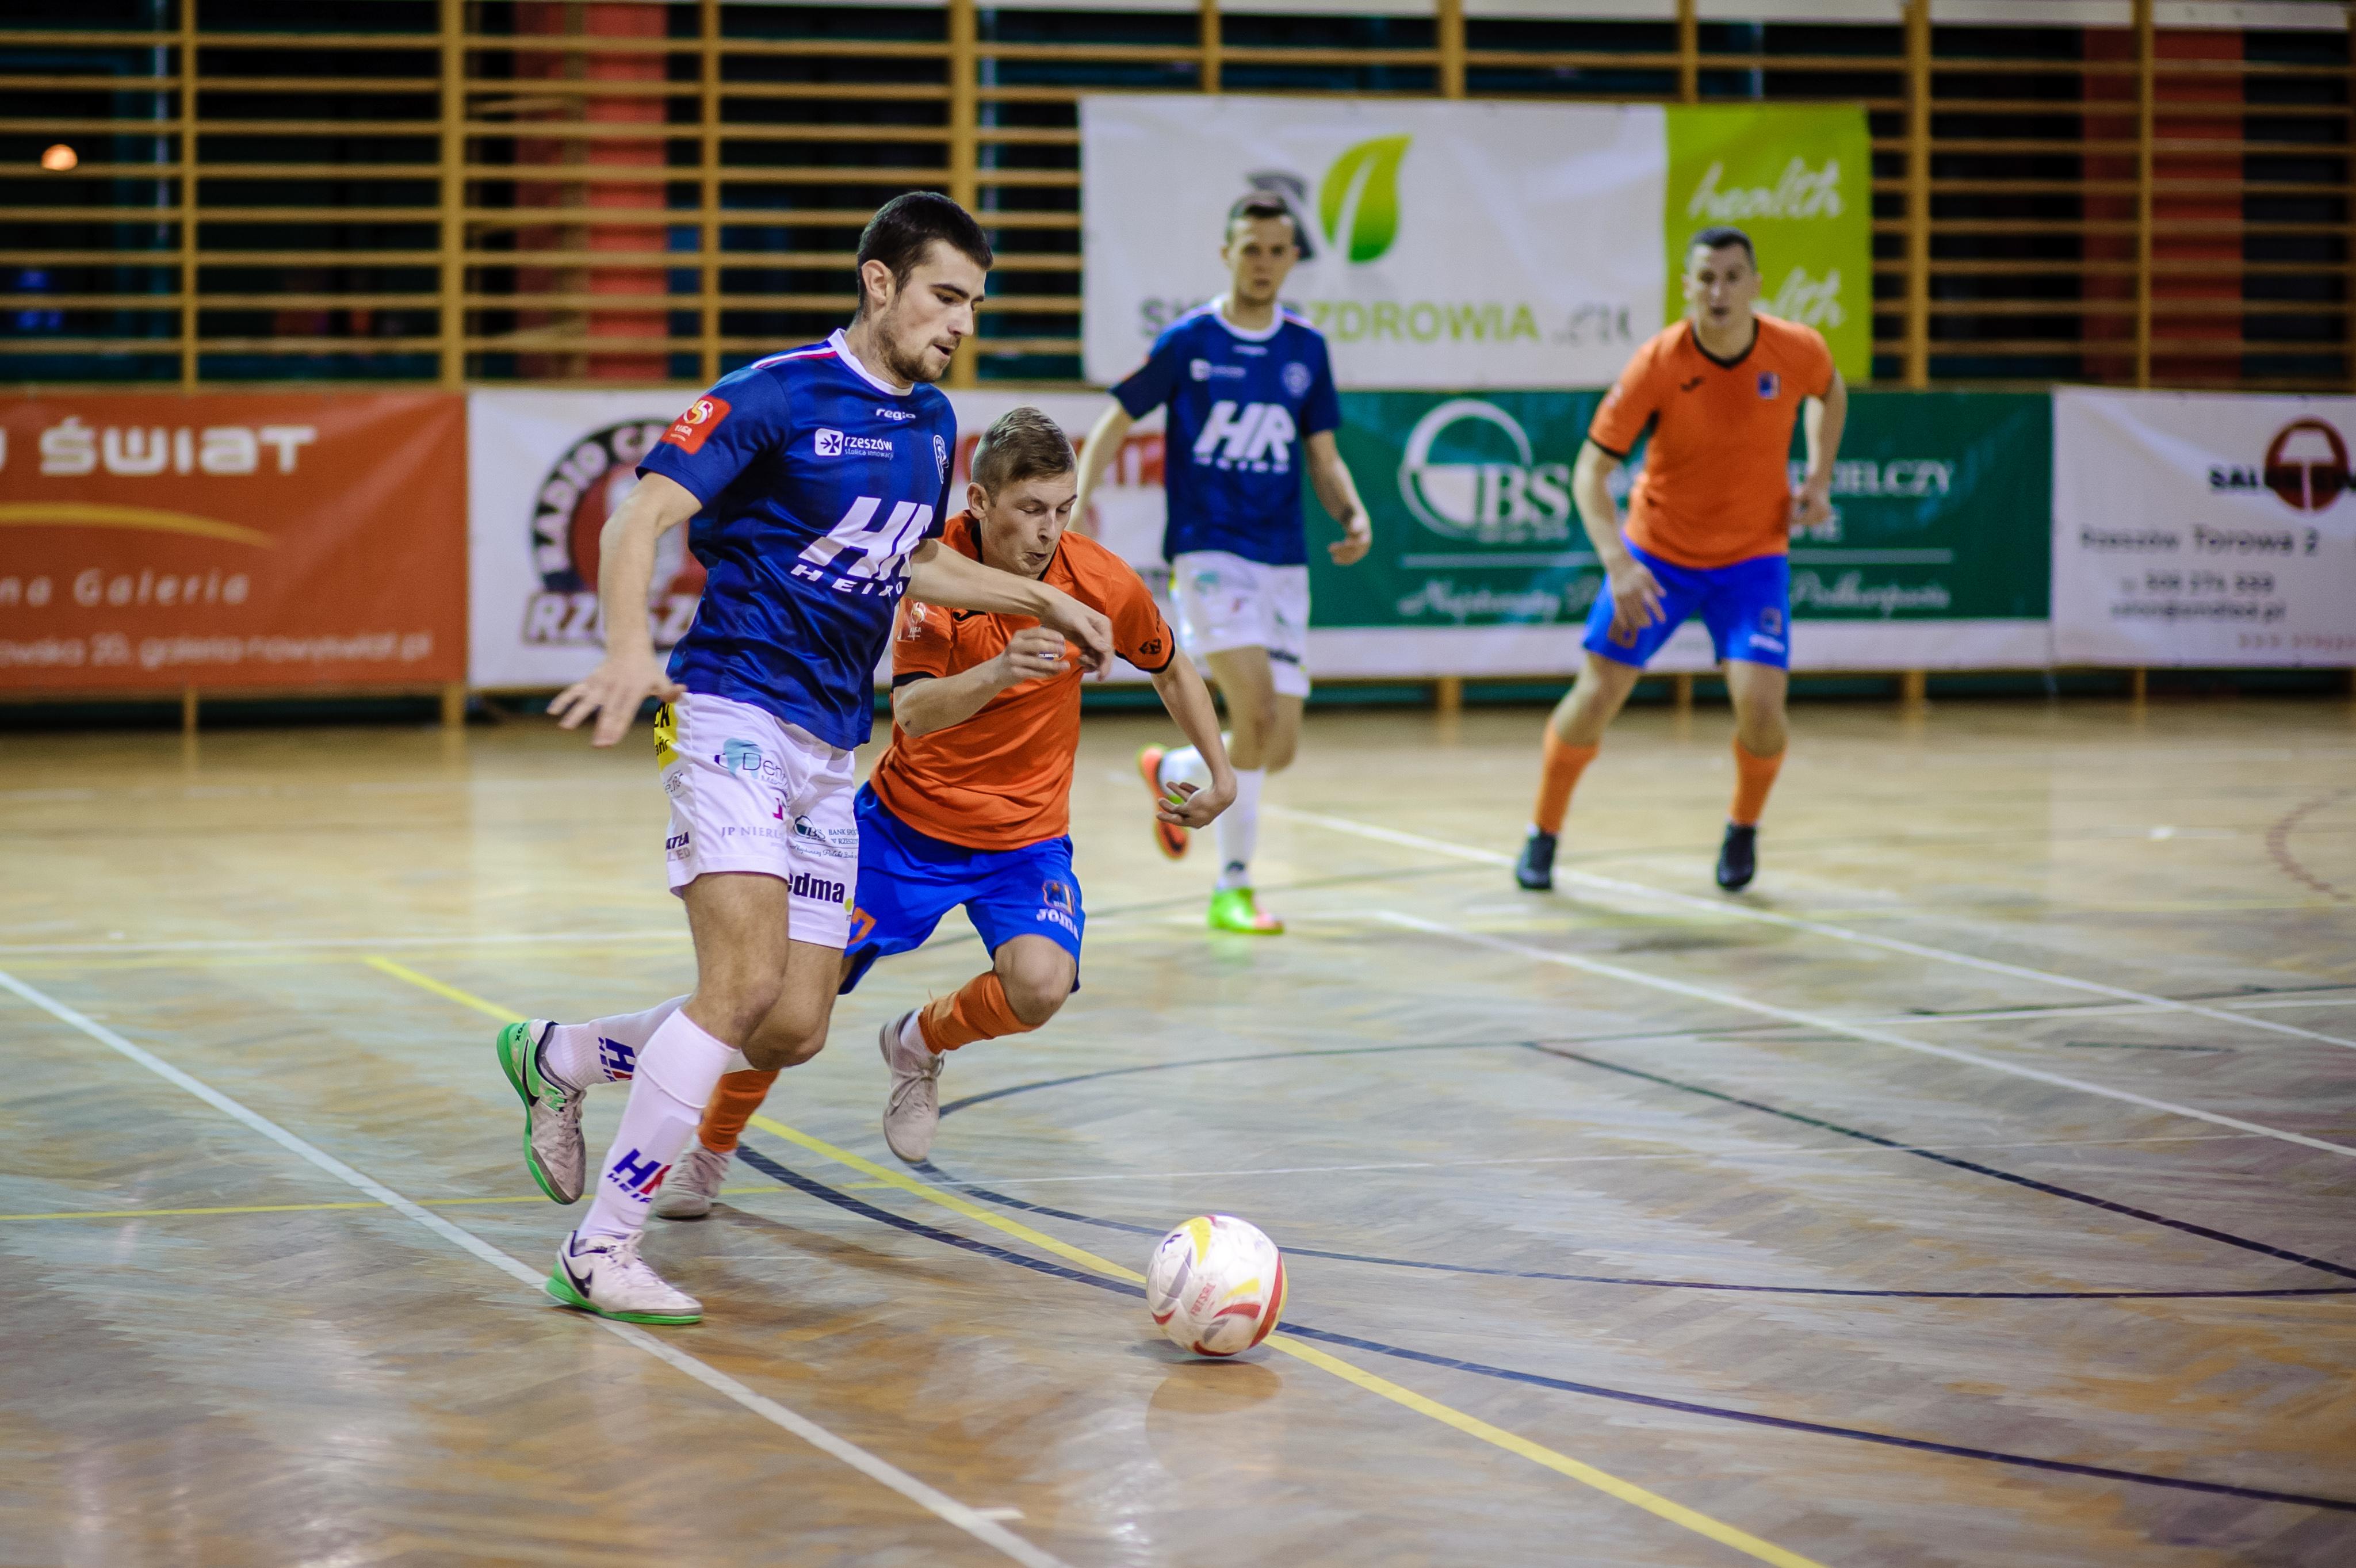 Drużyny Heiro Futsal Cup 2019 - HEIRO RZESZOW futsal team